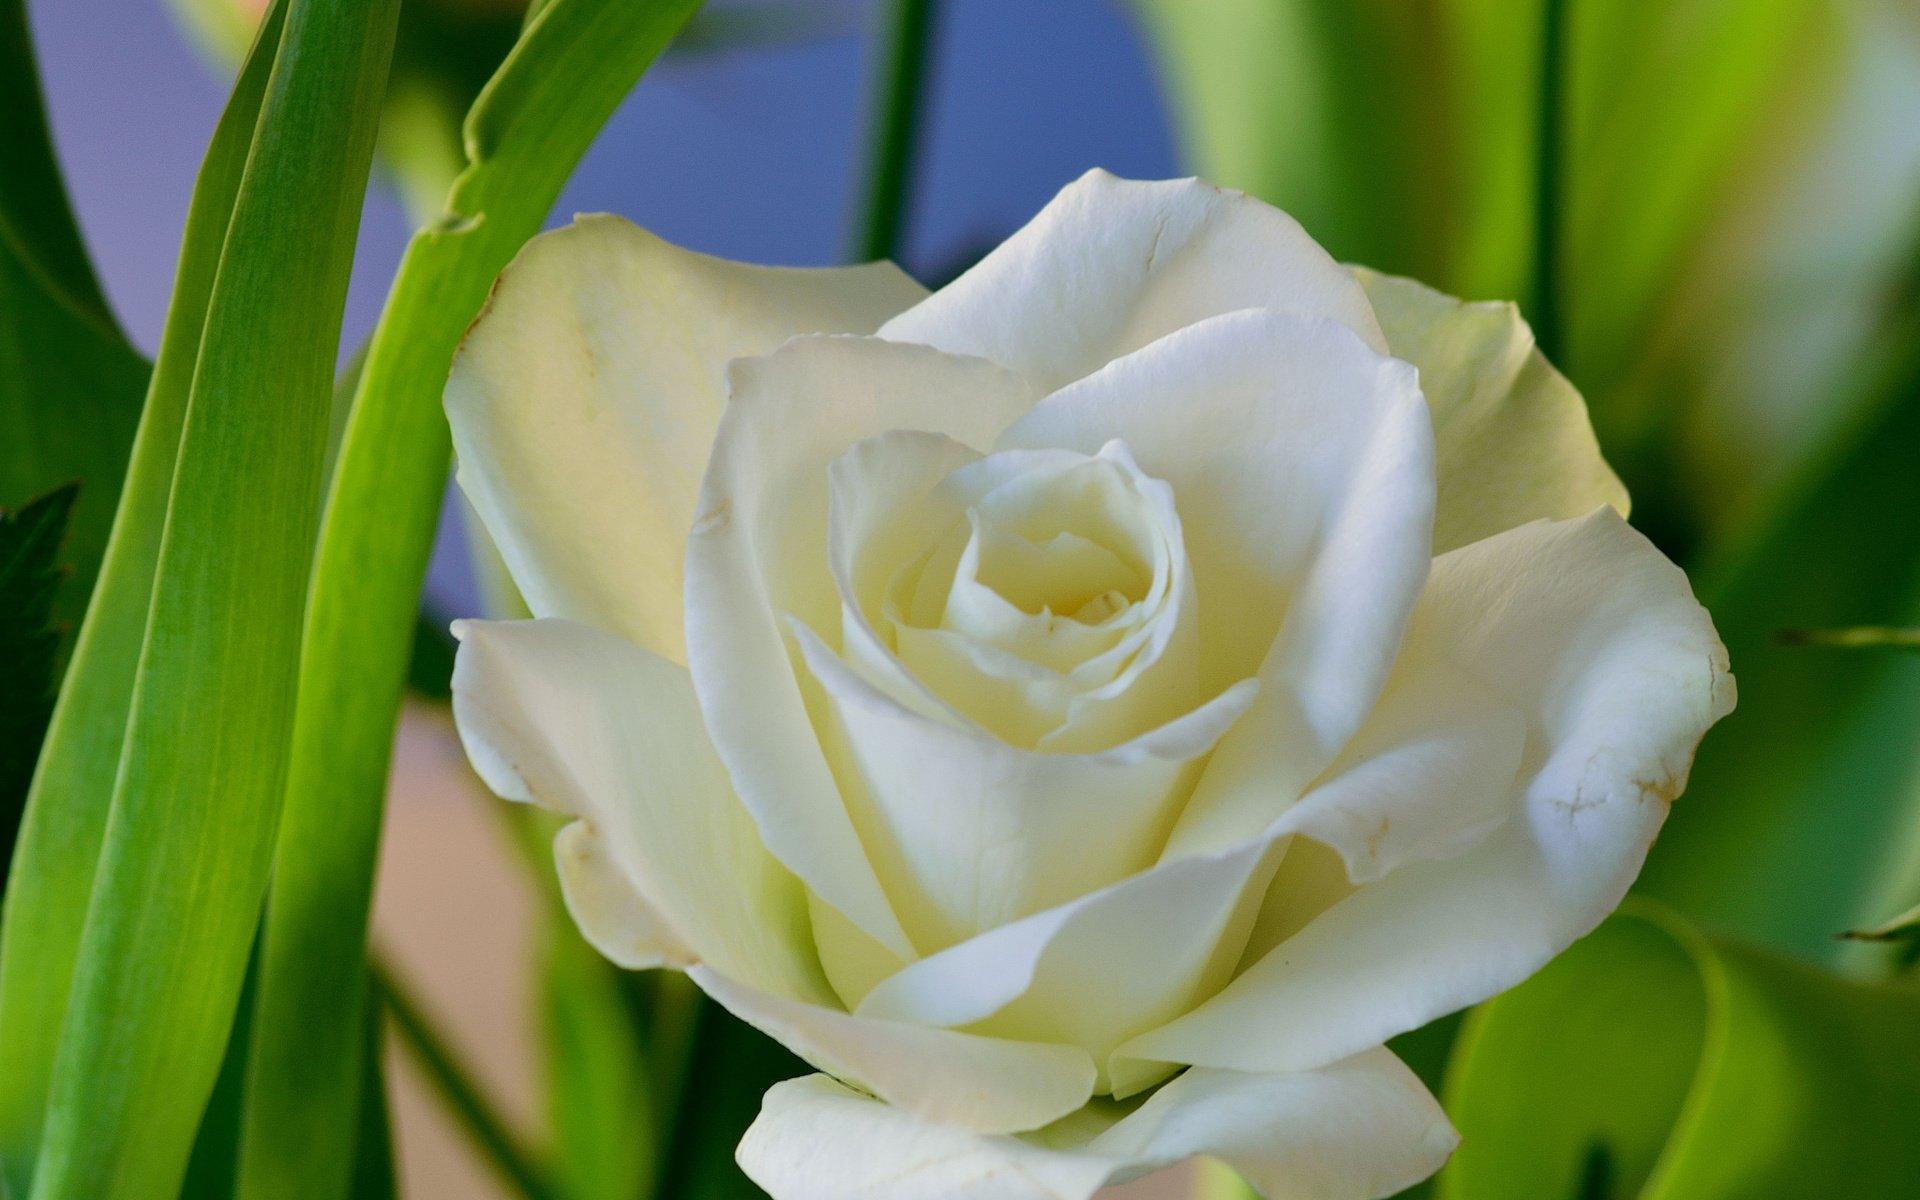 станут белые цветы на зеленом фоне фото высокого разрешения это нападение фигуры